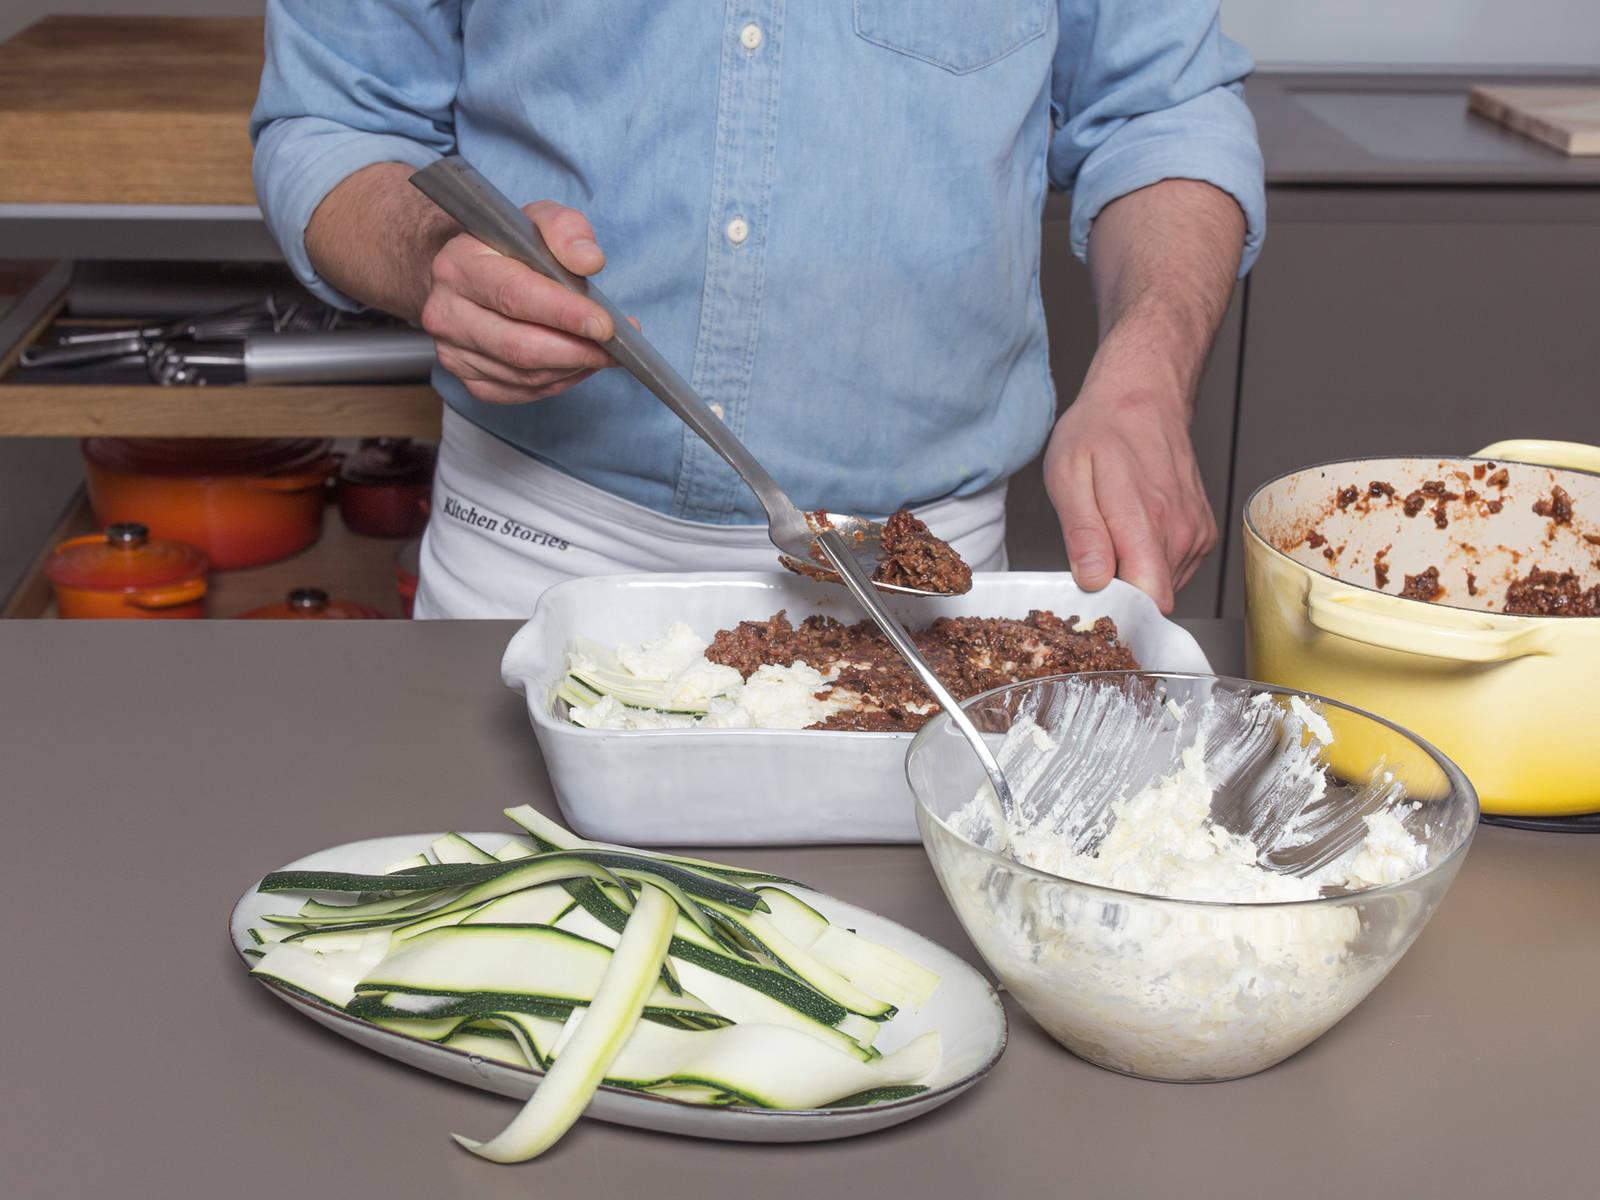 Backofen auf 200°C vorheizen. Um die Lasagne zu schichten circa ein Drittel der Sauce in der Auflaufform verstreichen. Anschließend ein Drittel der Zucchinistreifen darauf legen und mit einem Drittel der Käsemischung bestreichen. In der gleichen Reihenfolge weiter schichten bis alles aufgebraucht ist. Die oberste Schicht der Käsemischung zusätzlich mit restlichem Mozzarella und Parmesan bestreuen.